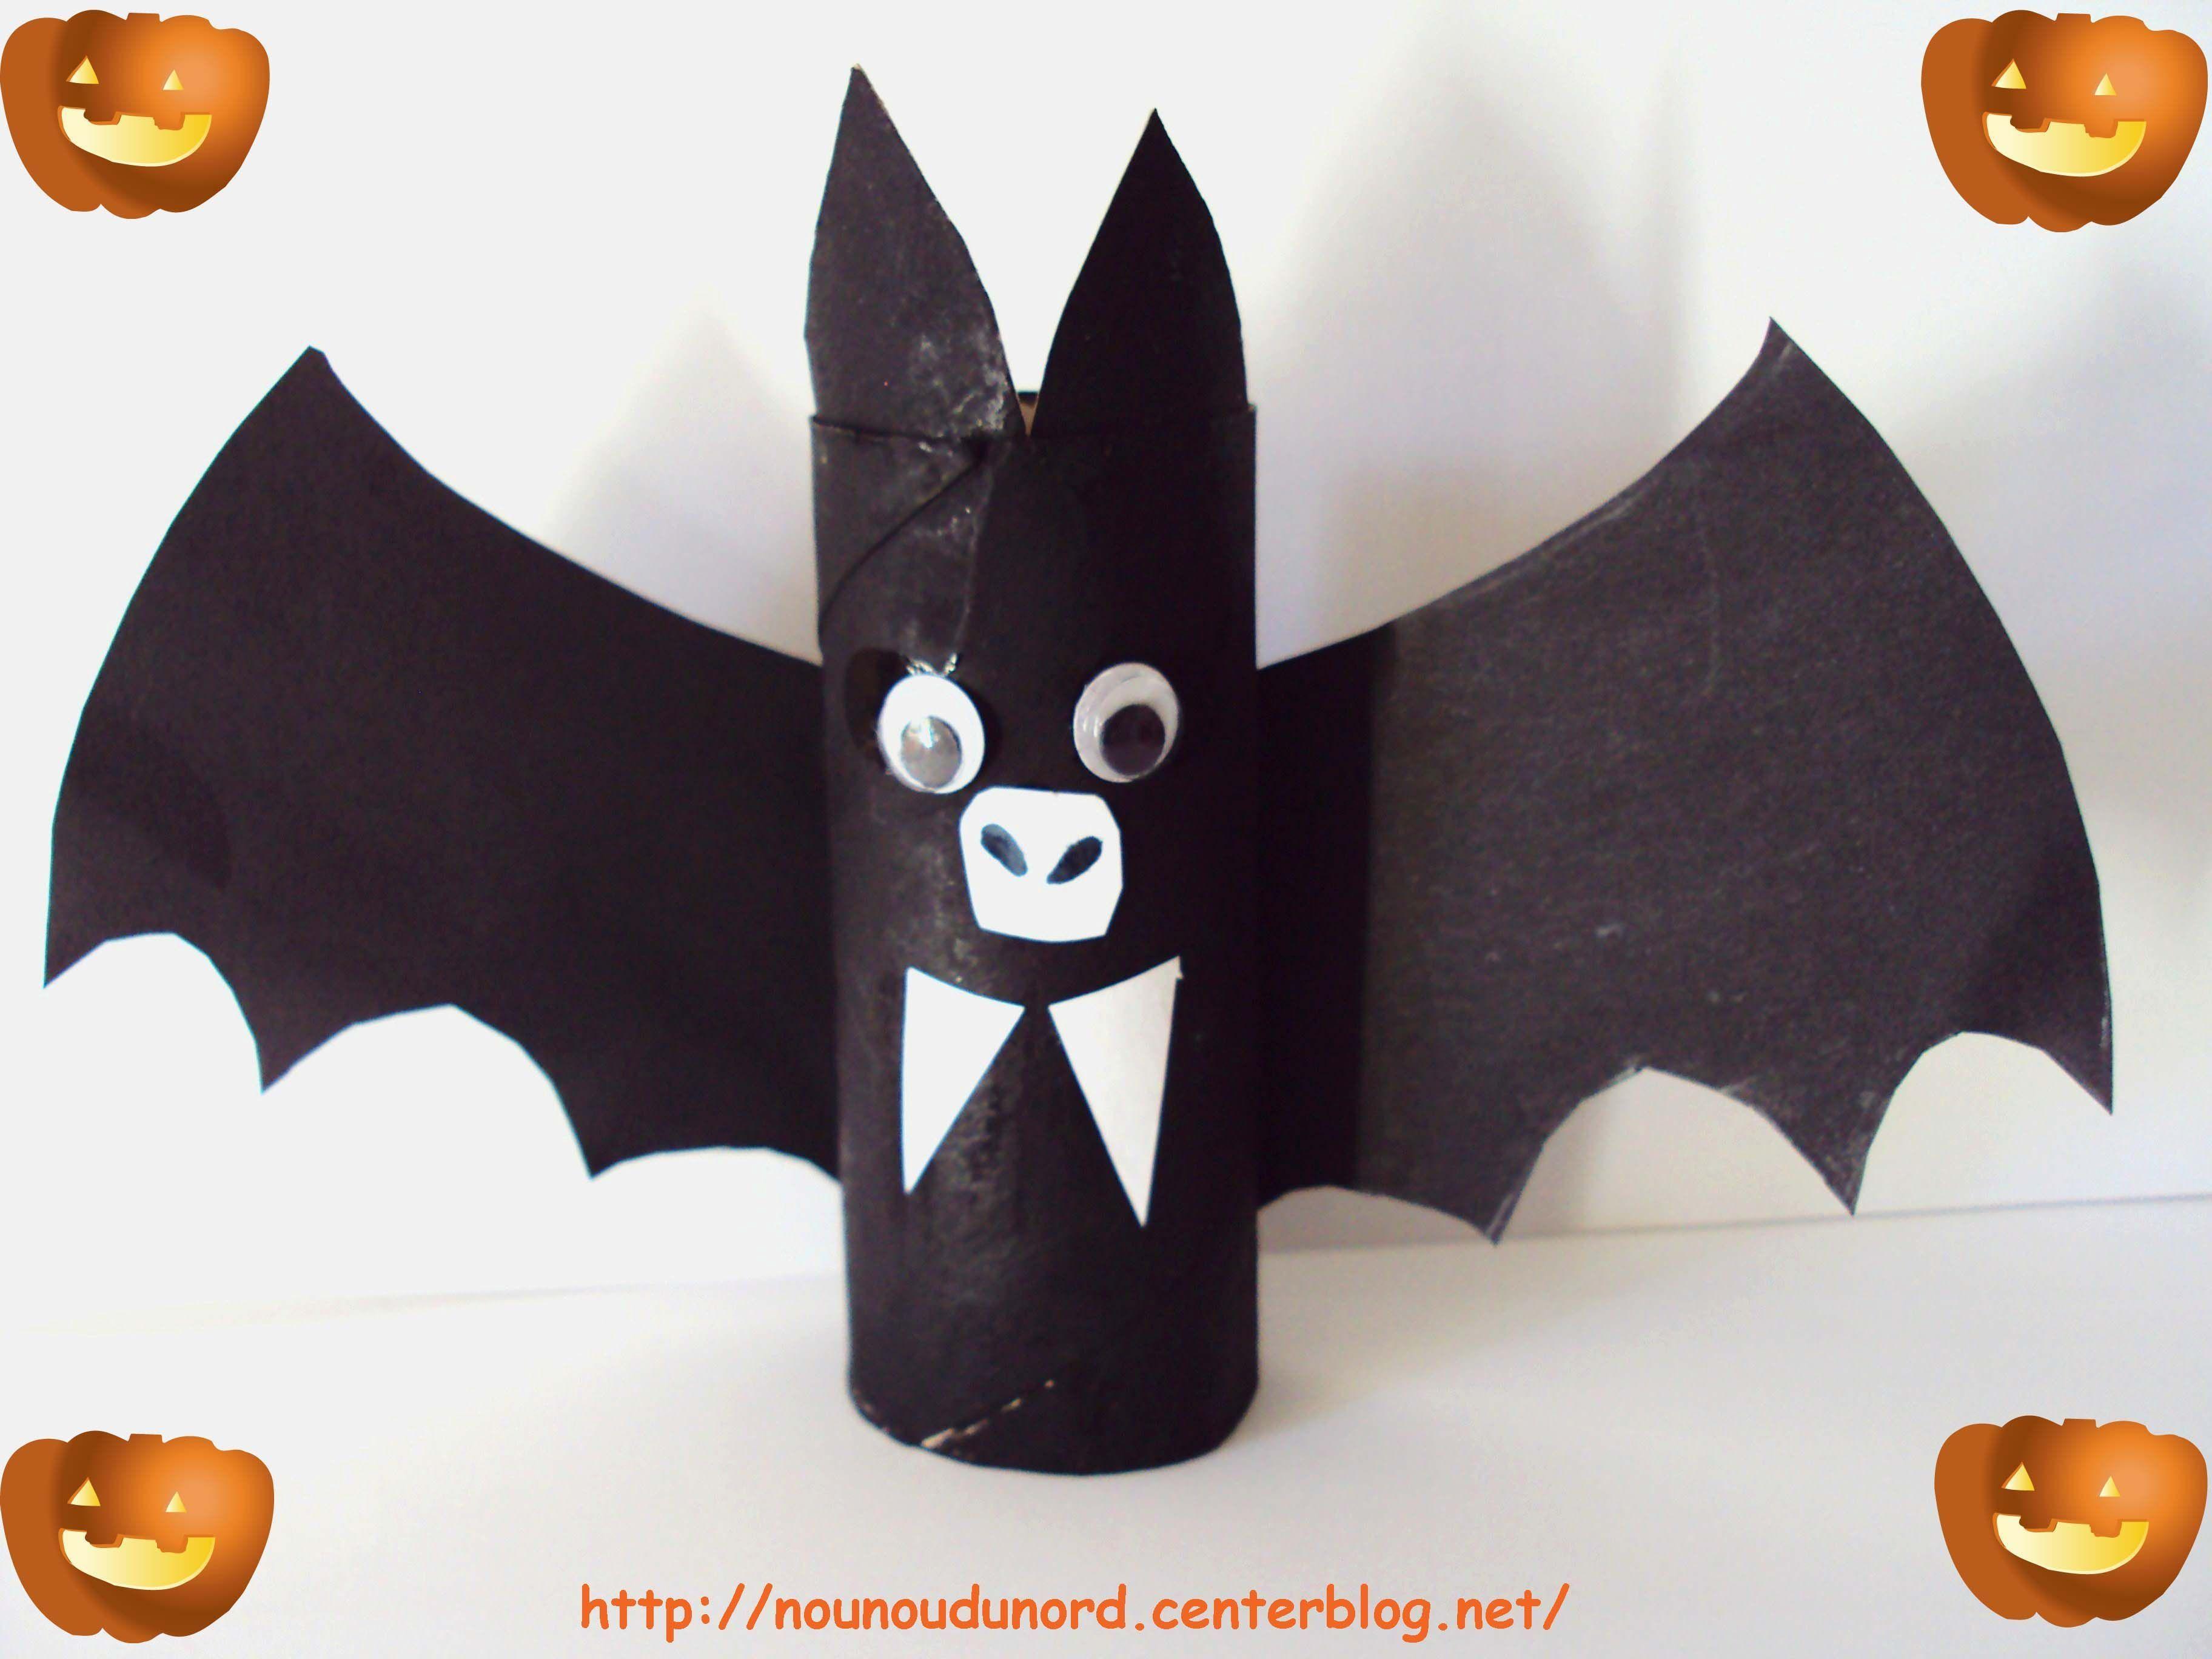 La chauve souris d 39 axelle 2010 - Deco halloween chauve souris ...